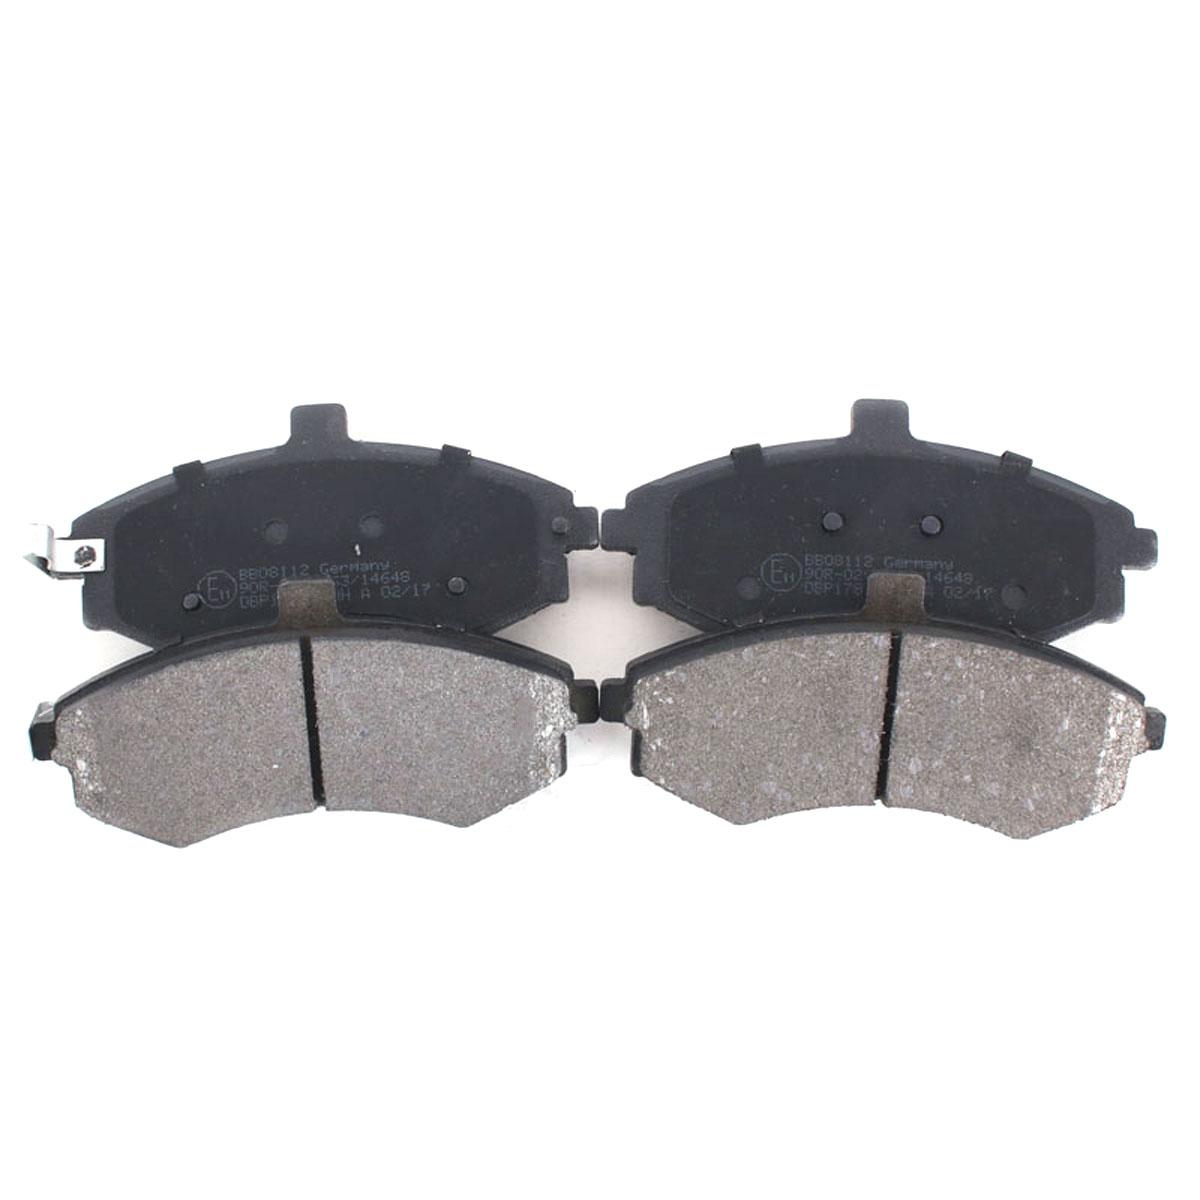 Bremsbelagsatz Scheibenbremse Vorderachse für Hyundai Elantra Matrix BB08112